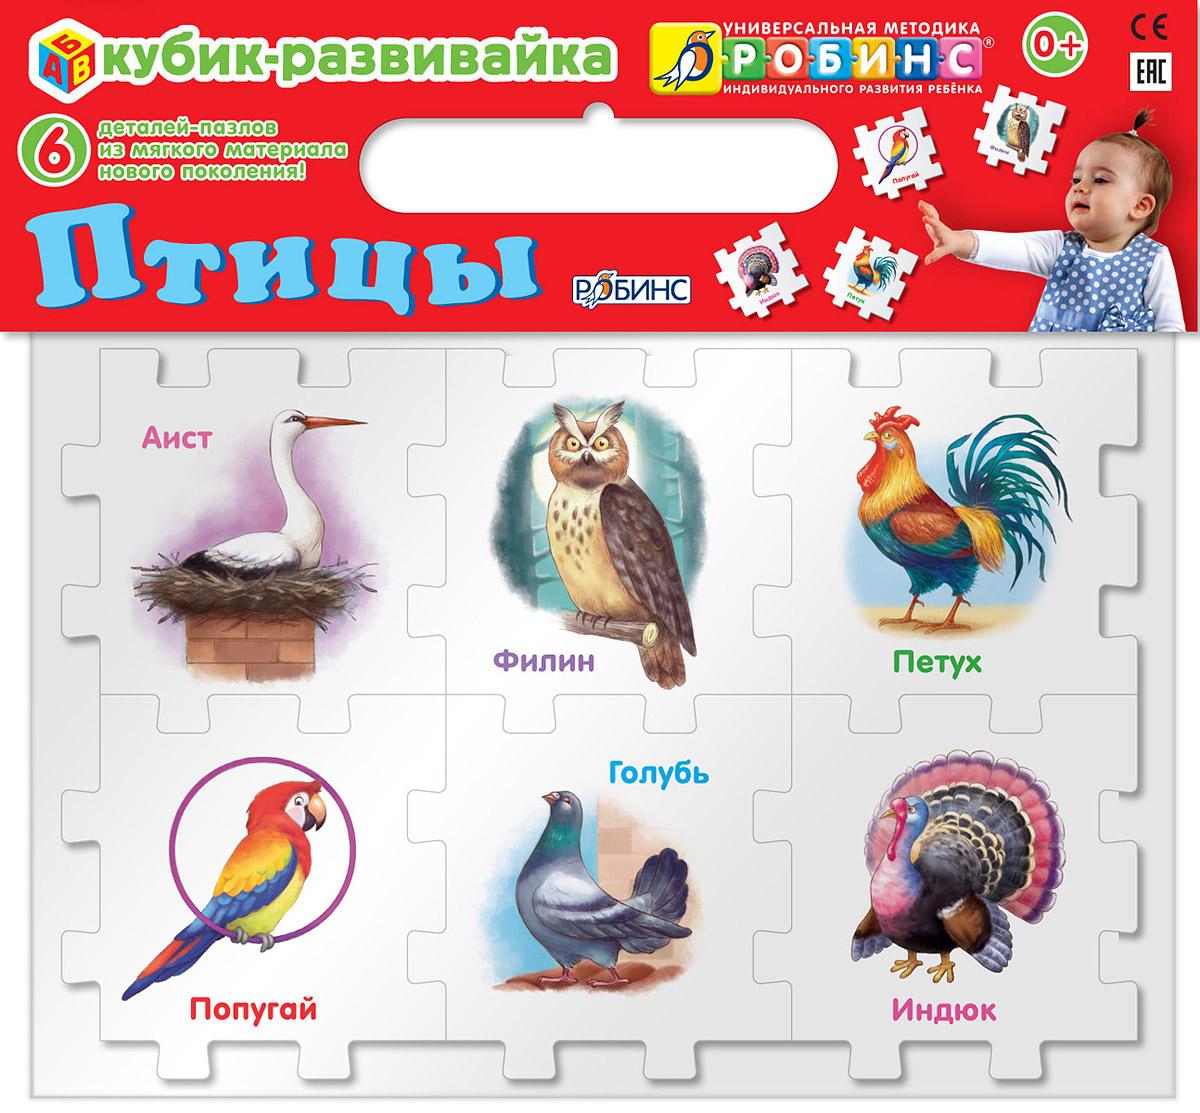 Робинс Кубик-развивайка Птицы 6 элементов нескучный кубик пазл для малышей фрукты